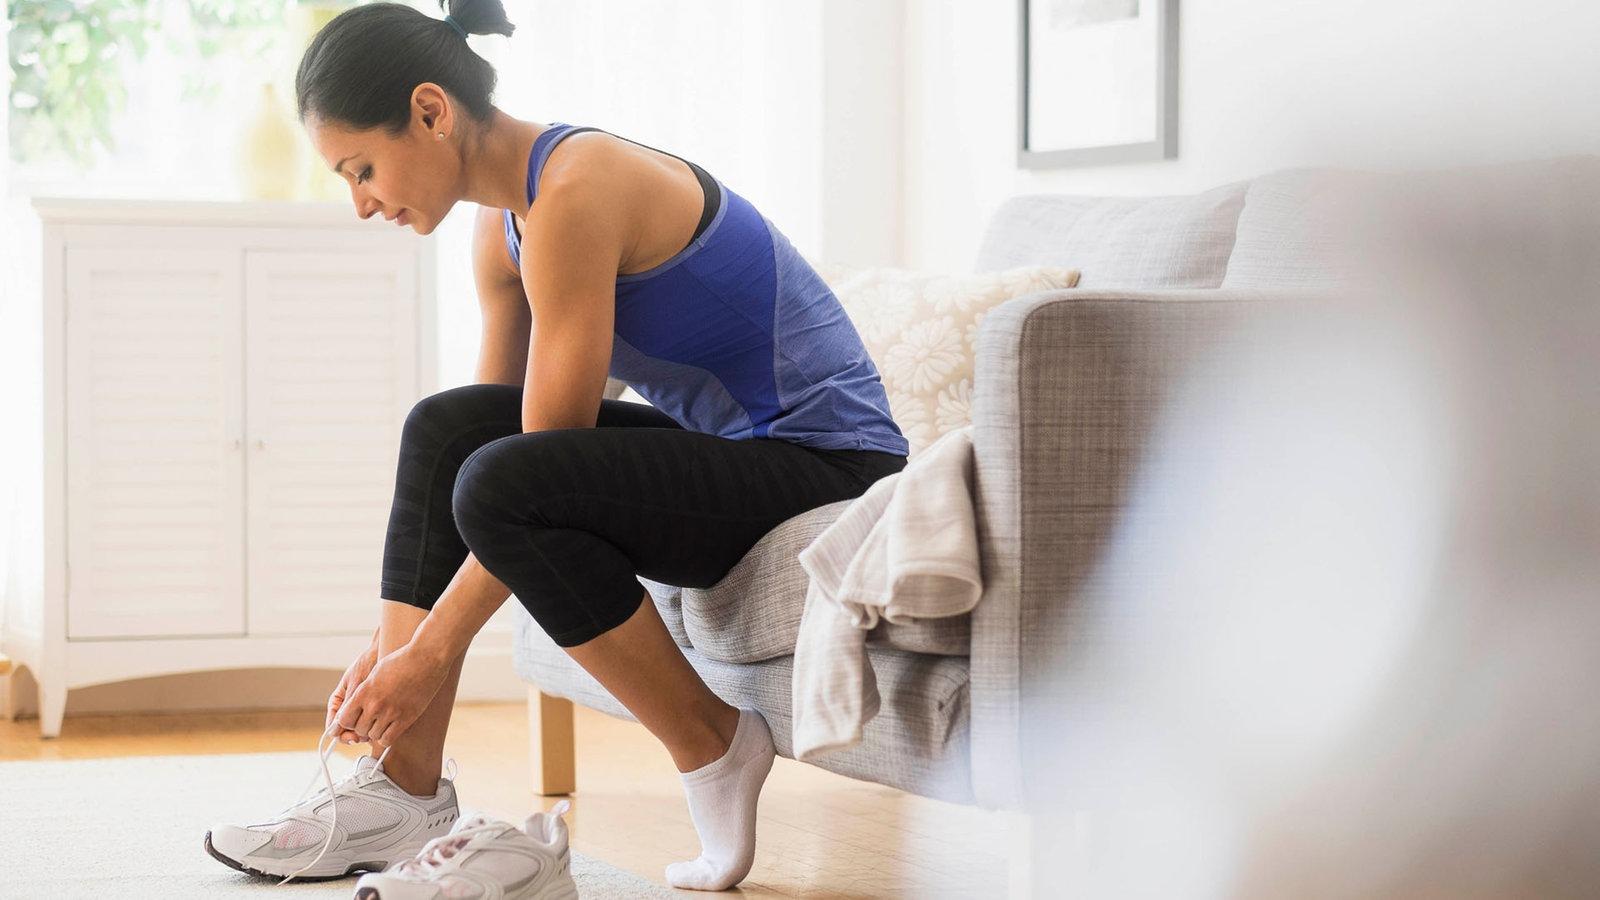 olympische fitnesstipps einfache bungen f r zuhause gesundheit verbraucher wdr. Black Bedroom Furniture Sets. Home Design Ideas